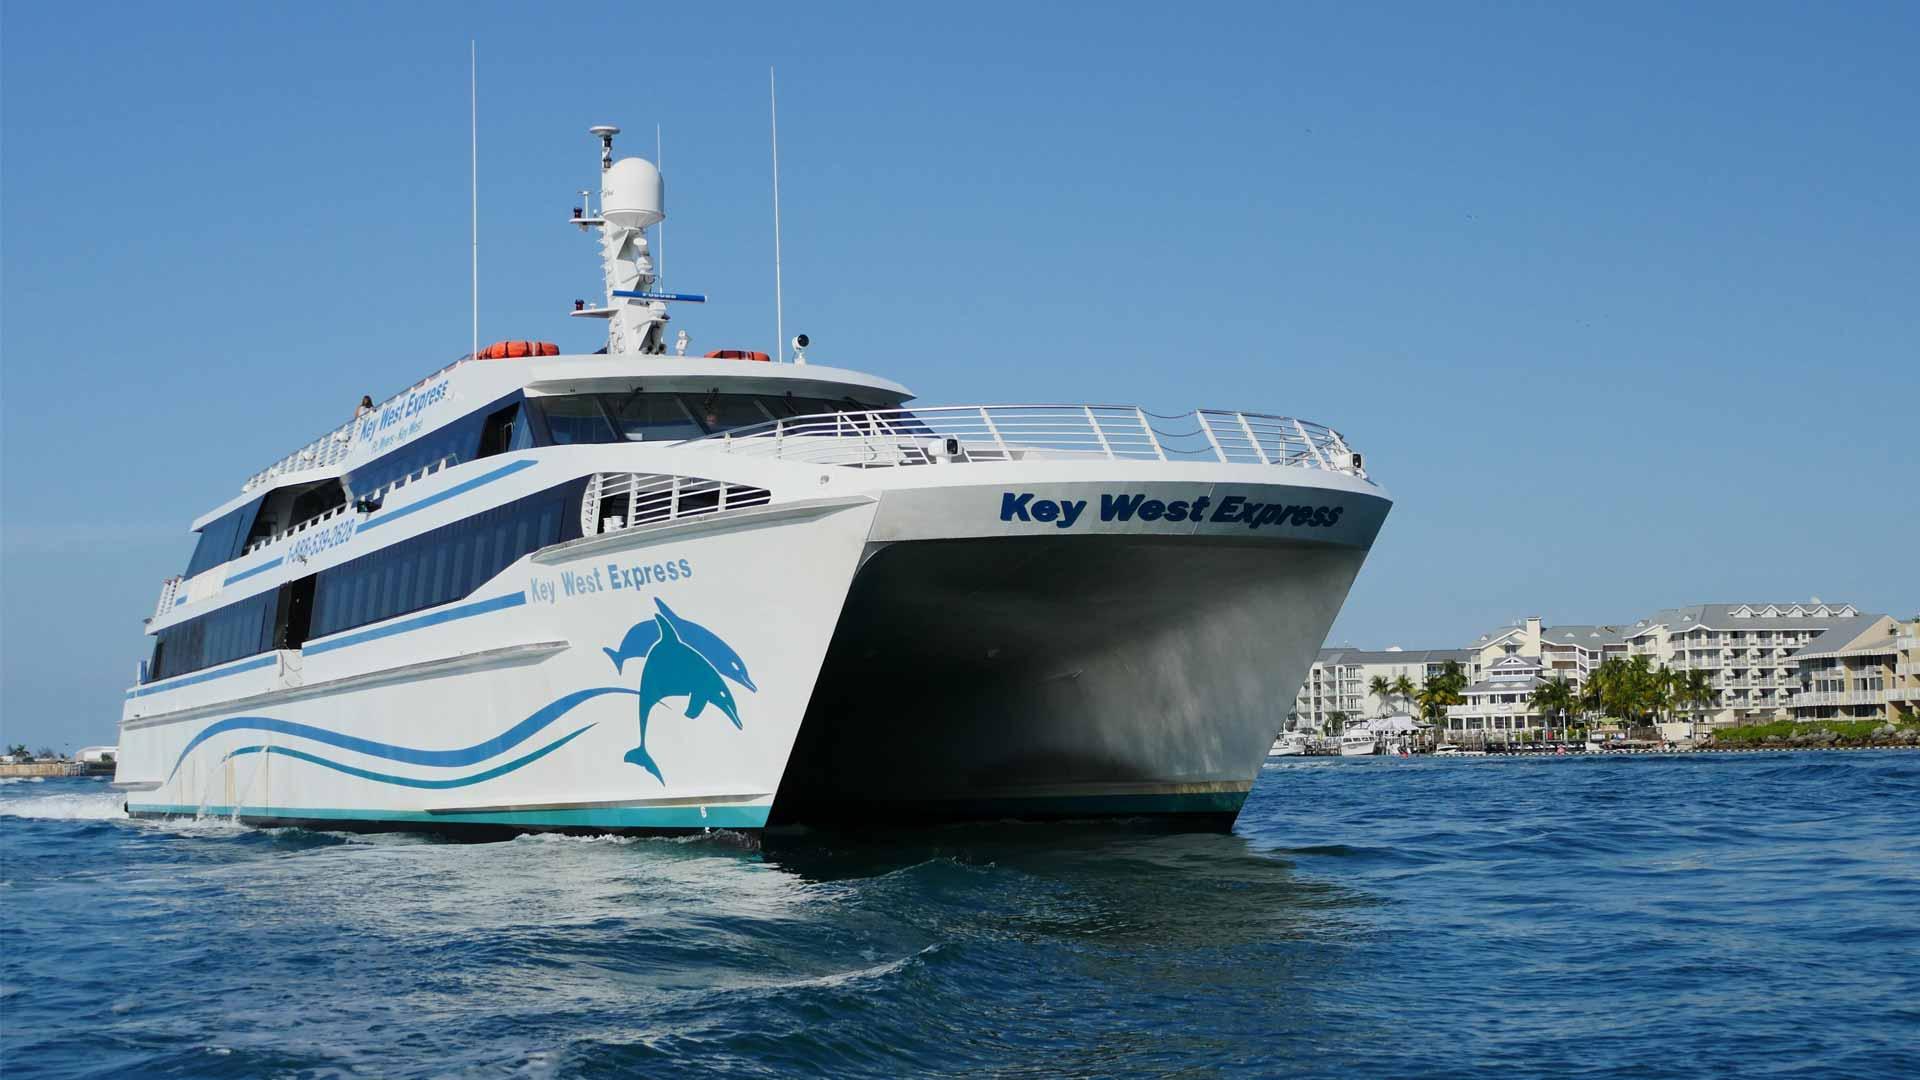 Key West Express Trips to Margaritaville Resort & Marina